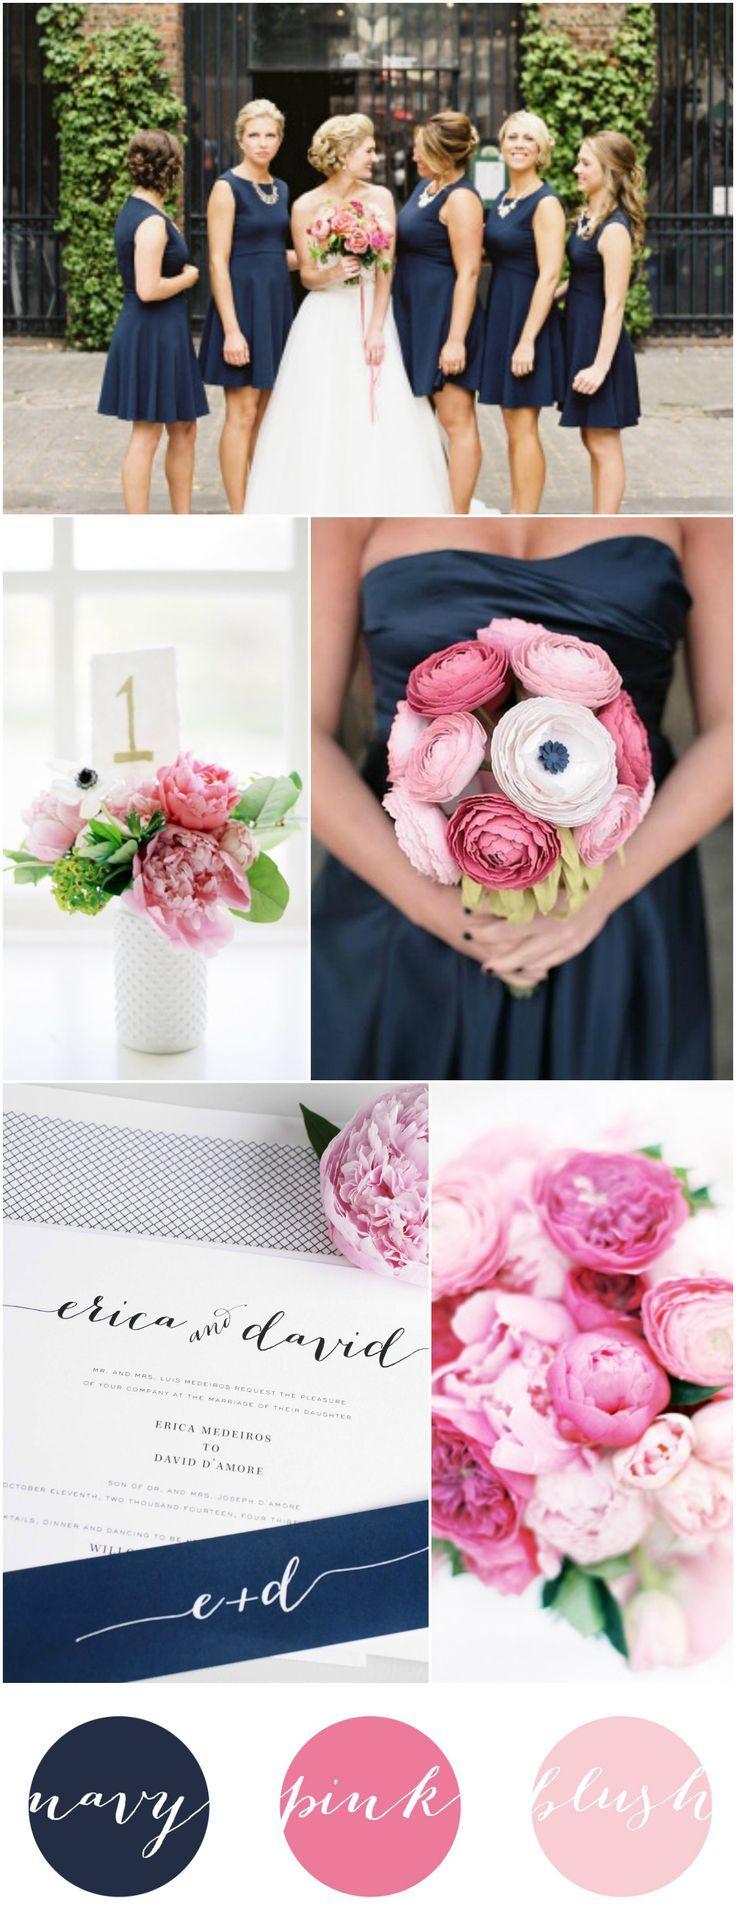 Combinacion que nunca falla: azul marino y rosa fucsia. http://ideasparatuboda.wix.com/planeatuboda